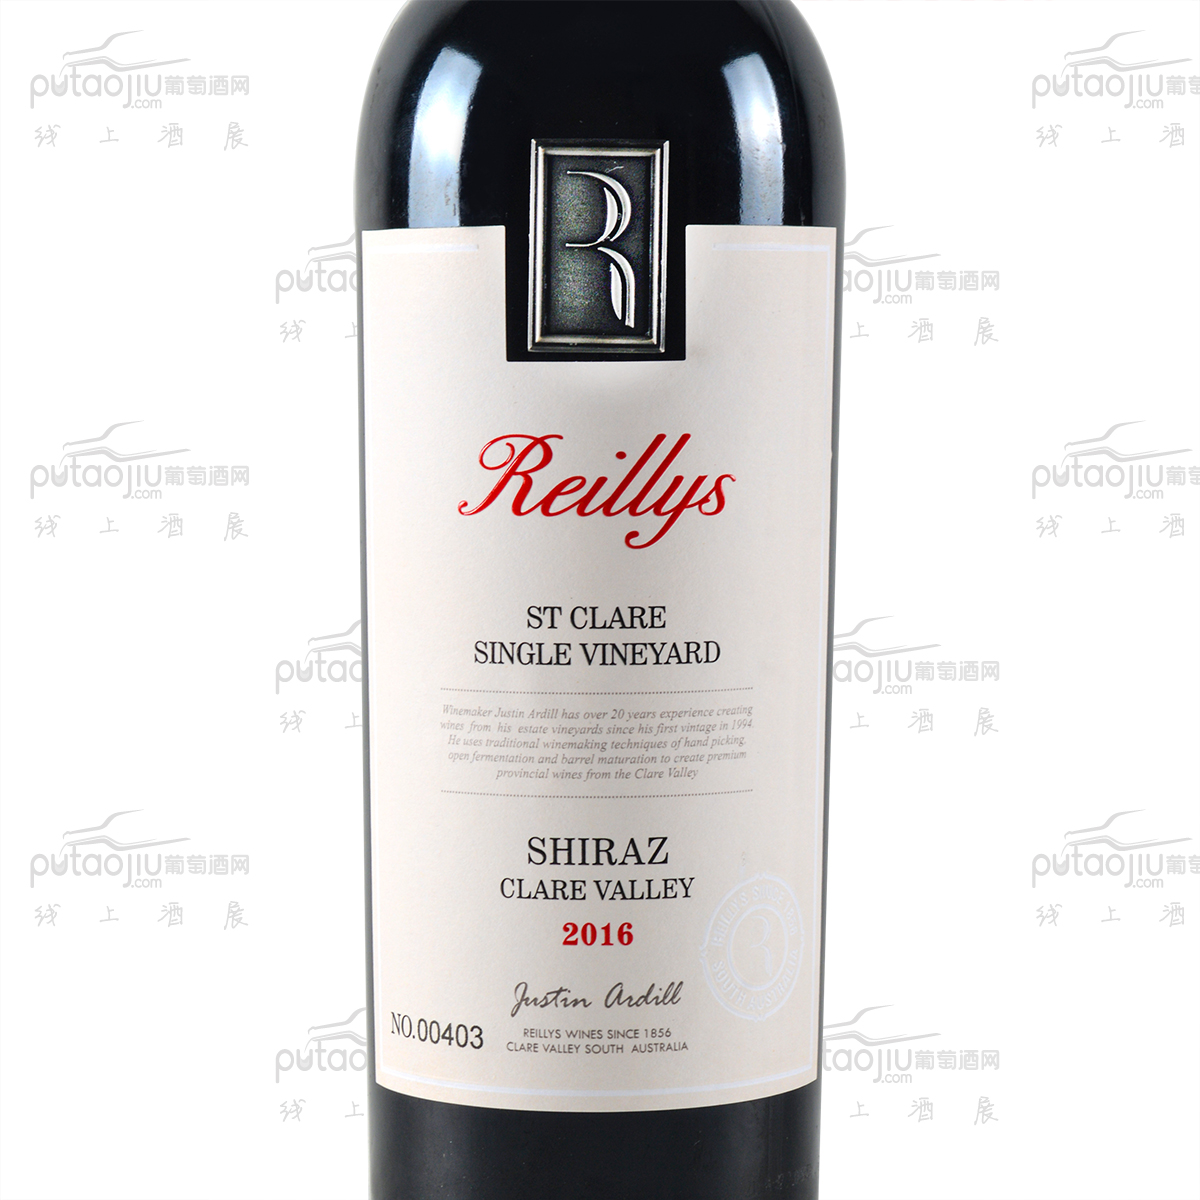 澳大利亚克莱尔谷莱利斯西拉圣克莱尔单一园干红葡萄酒